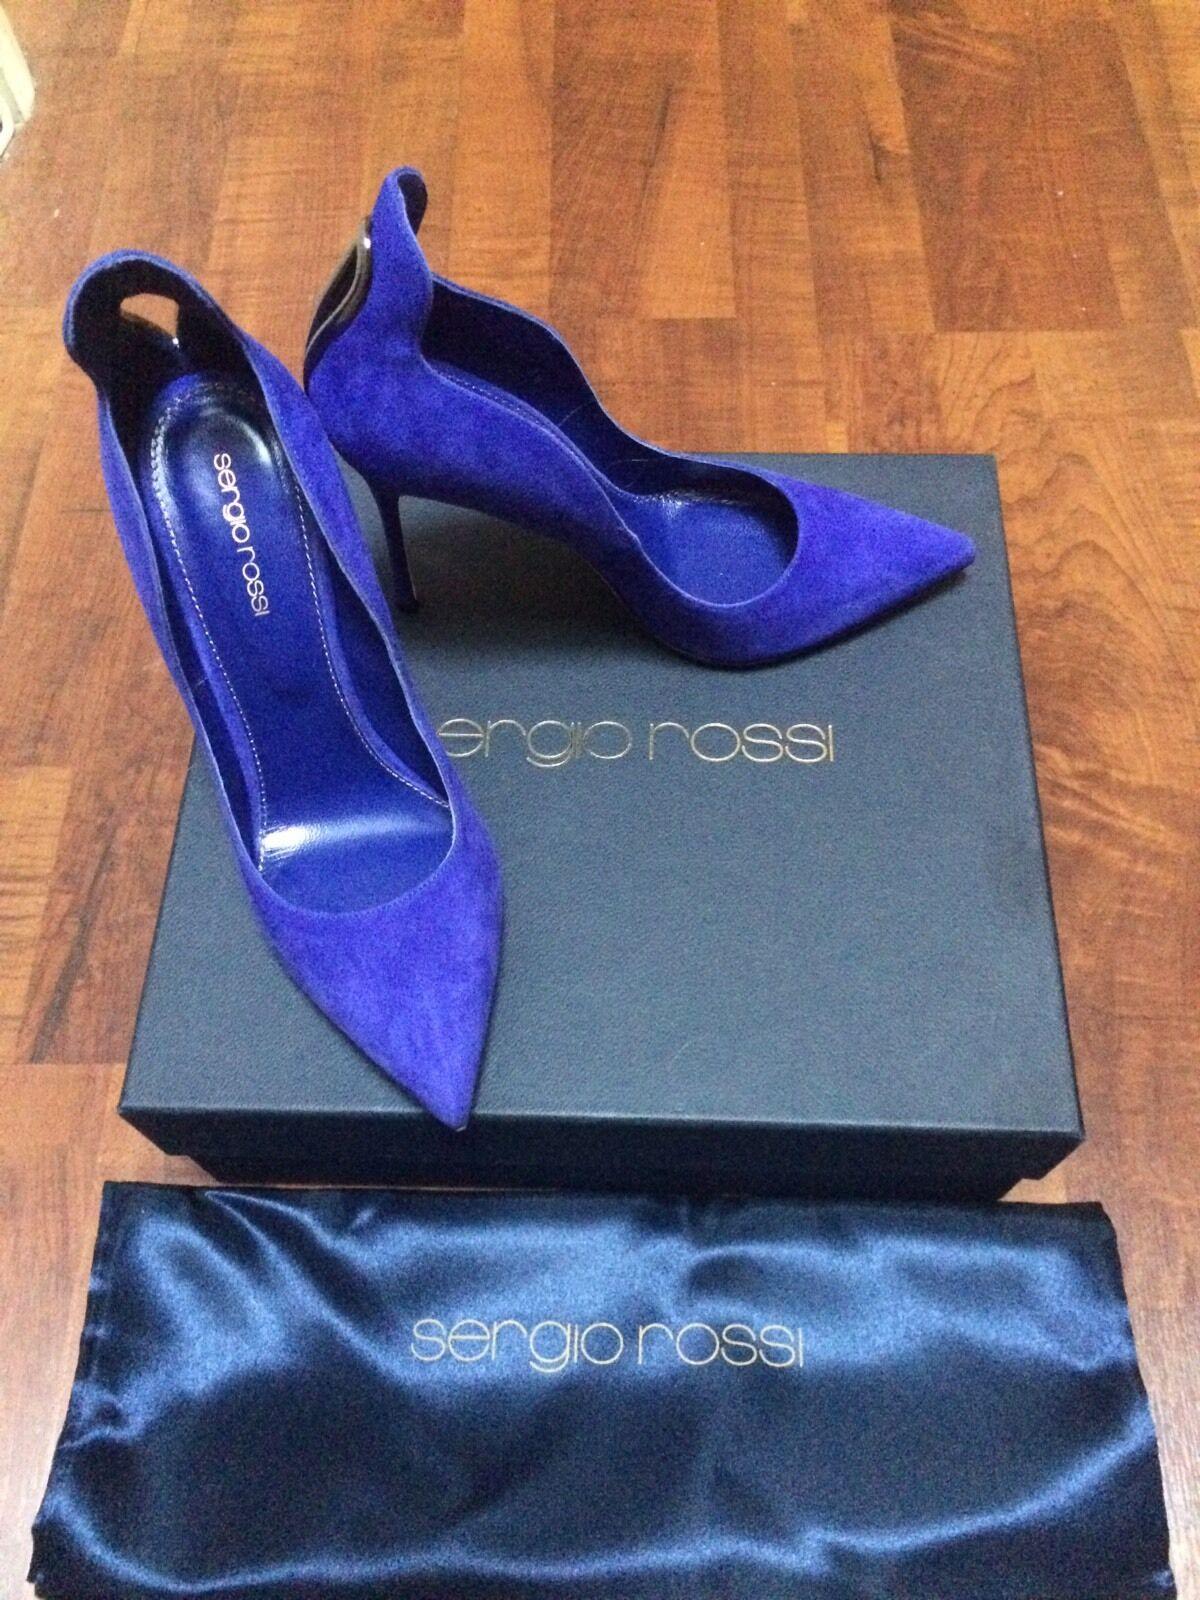 Escarpins pump Chaussure s SERGIO ROSSI ROSSI ROSSI  bleus - T. 38 Neuf 3cb410